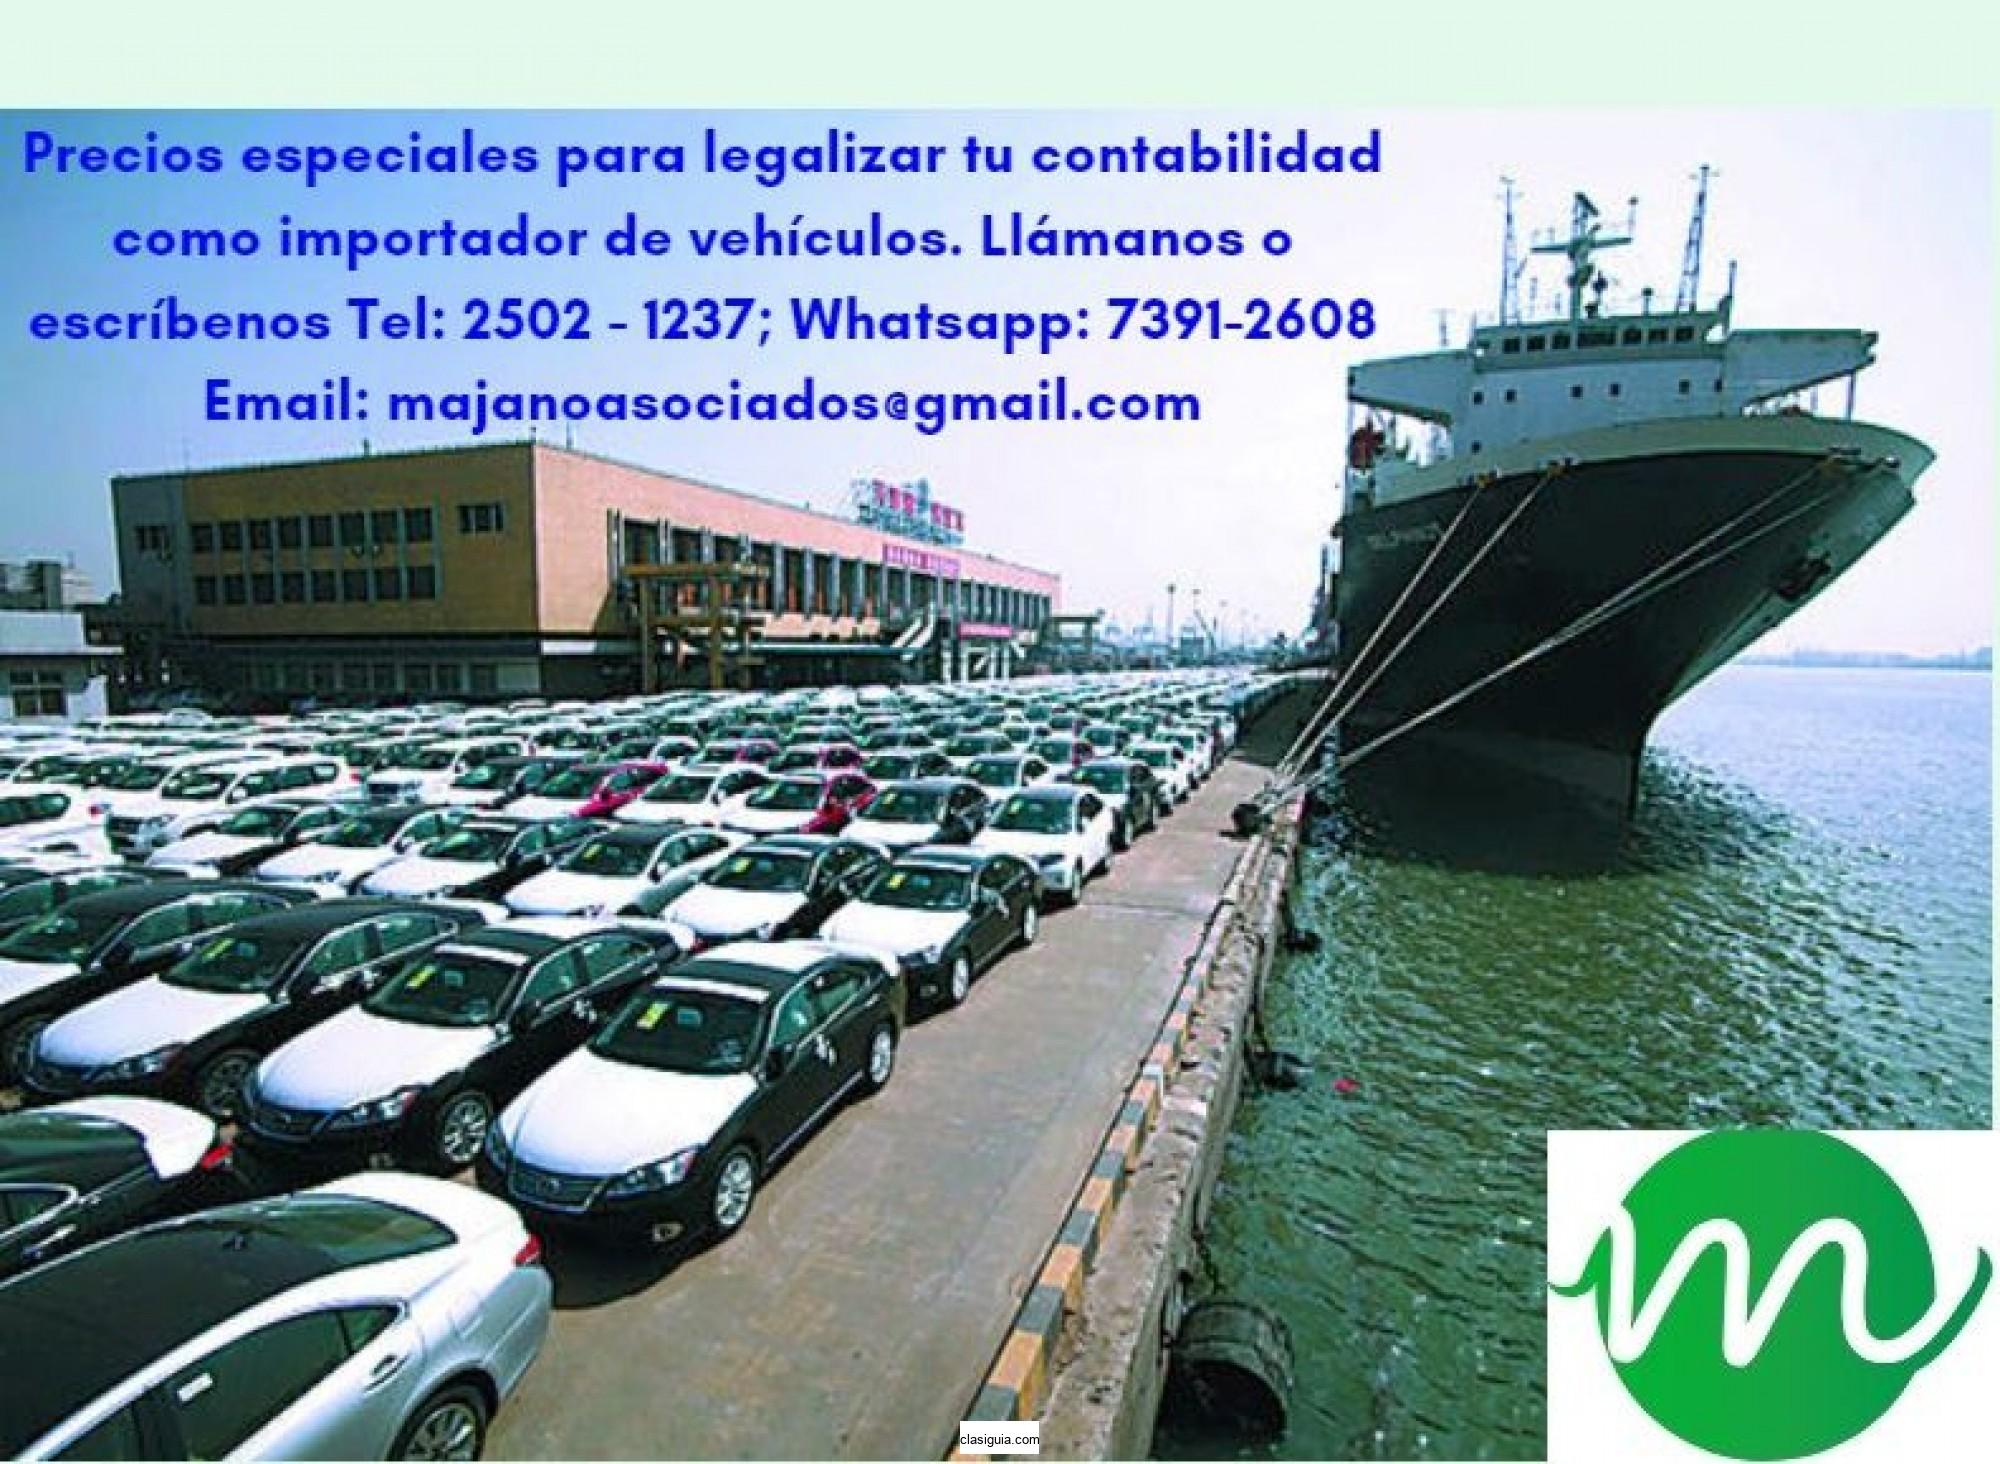 ¿Emprendiendo el negocio de importador de vehículo autorizado?